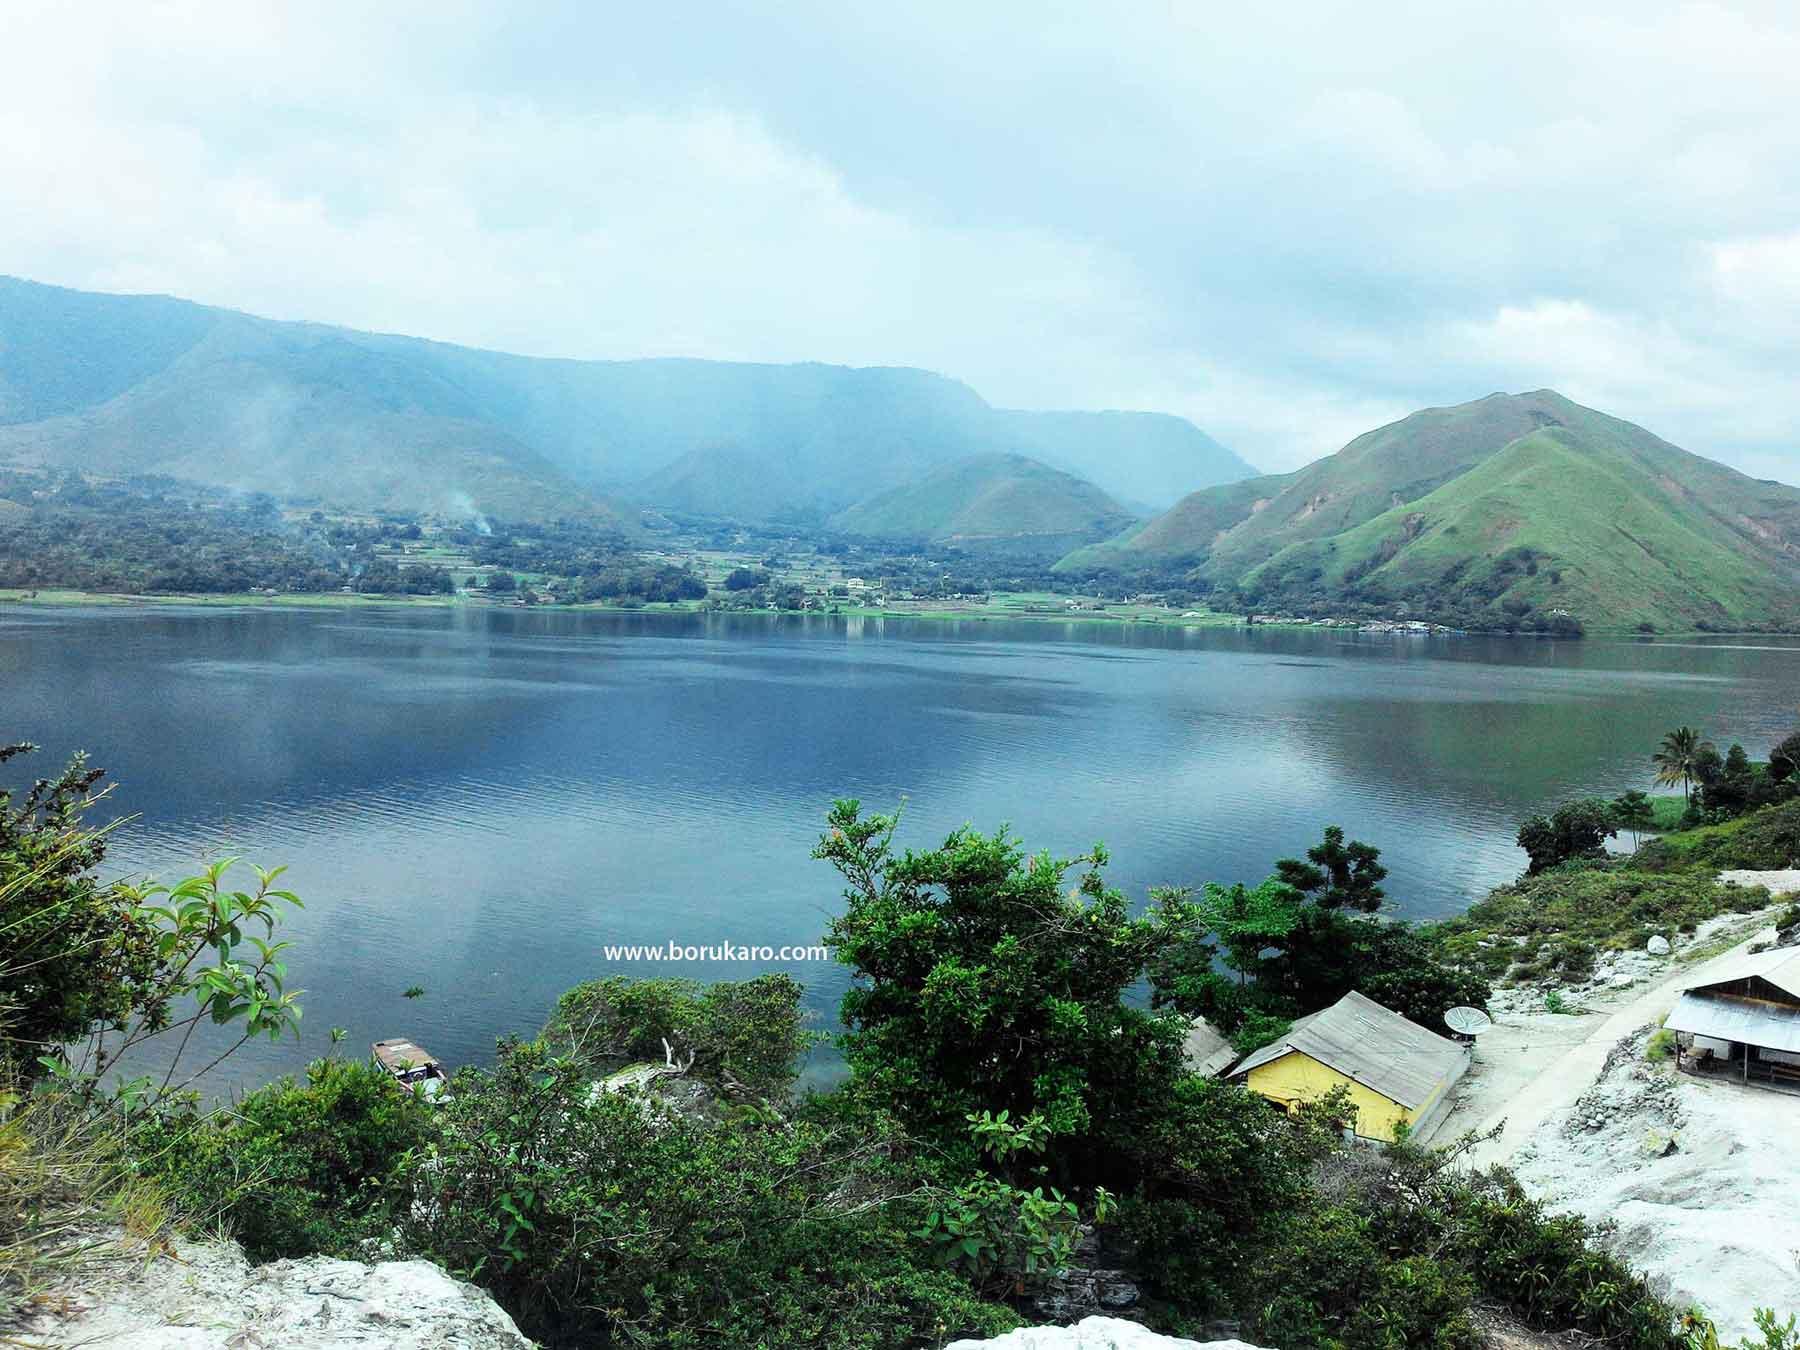 Menikmati Indahnya Danau Toba, dari Desa Sampean Pesisir Danau Toba